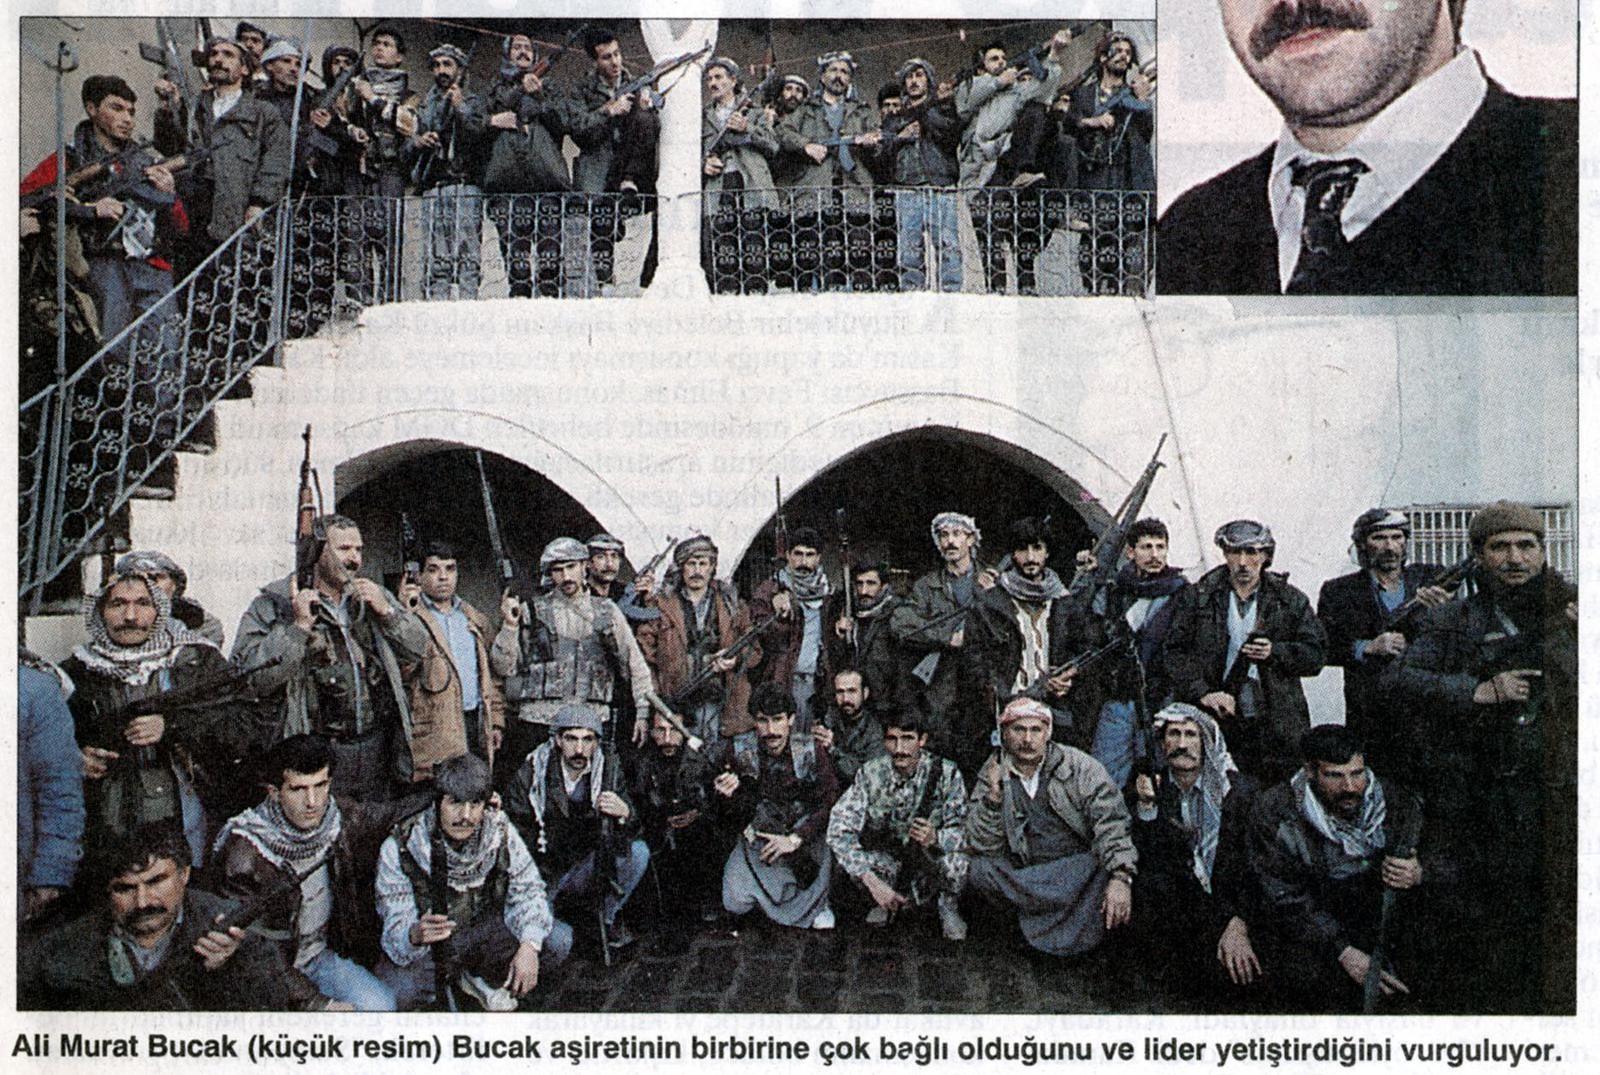 Yeni Yüzyıl, 13 novembre 1996